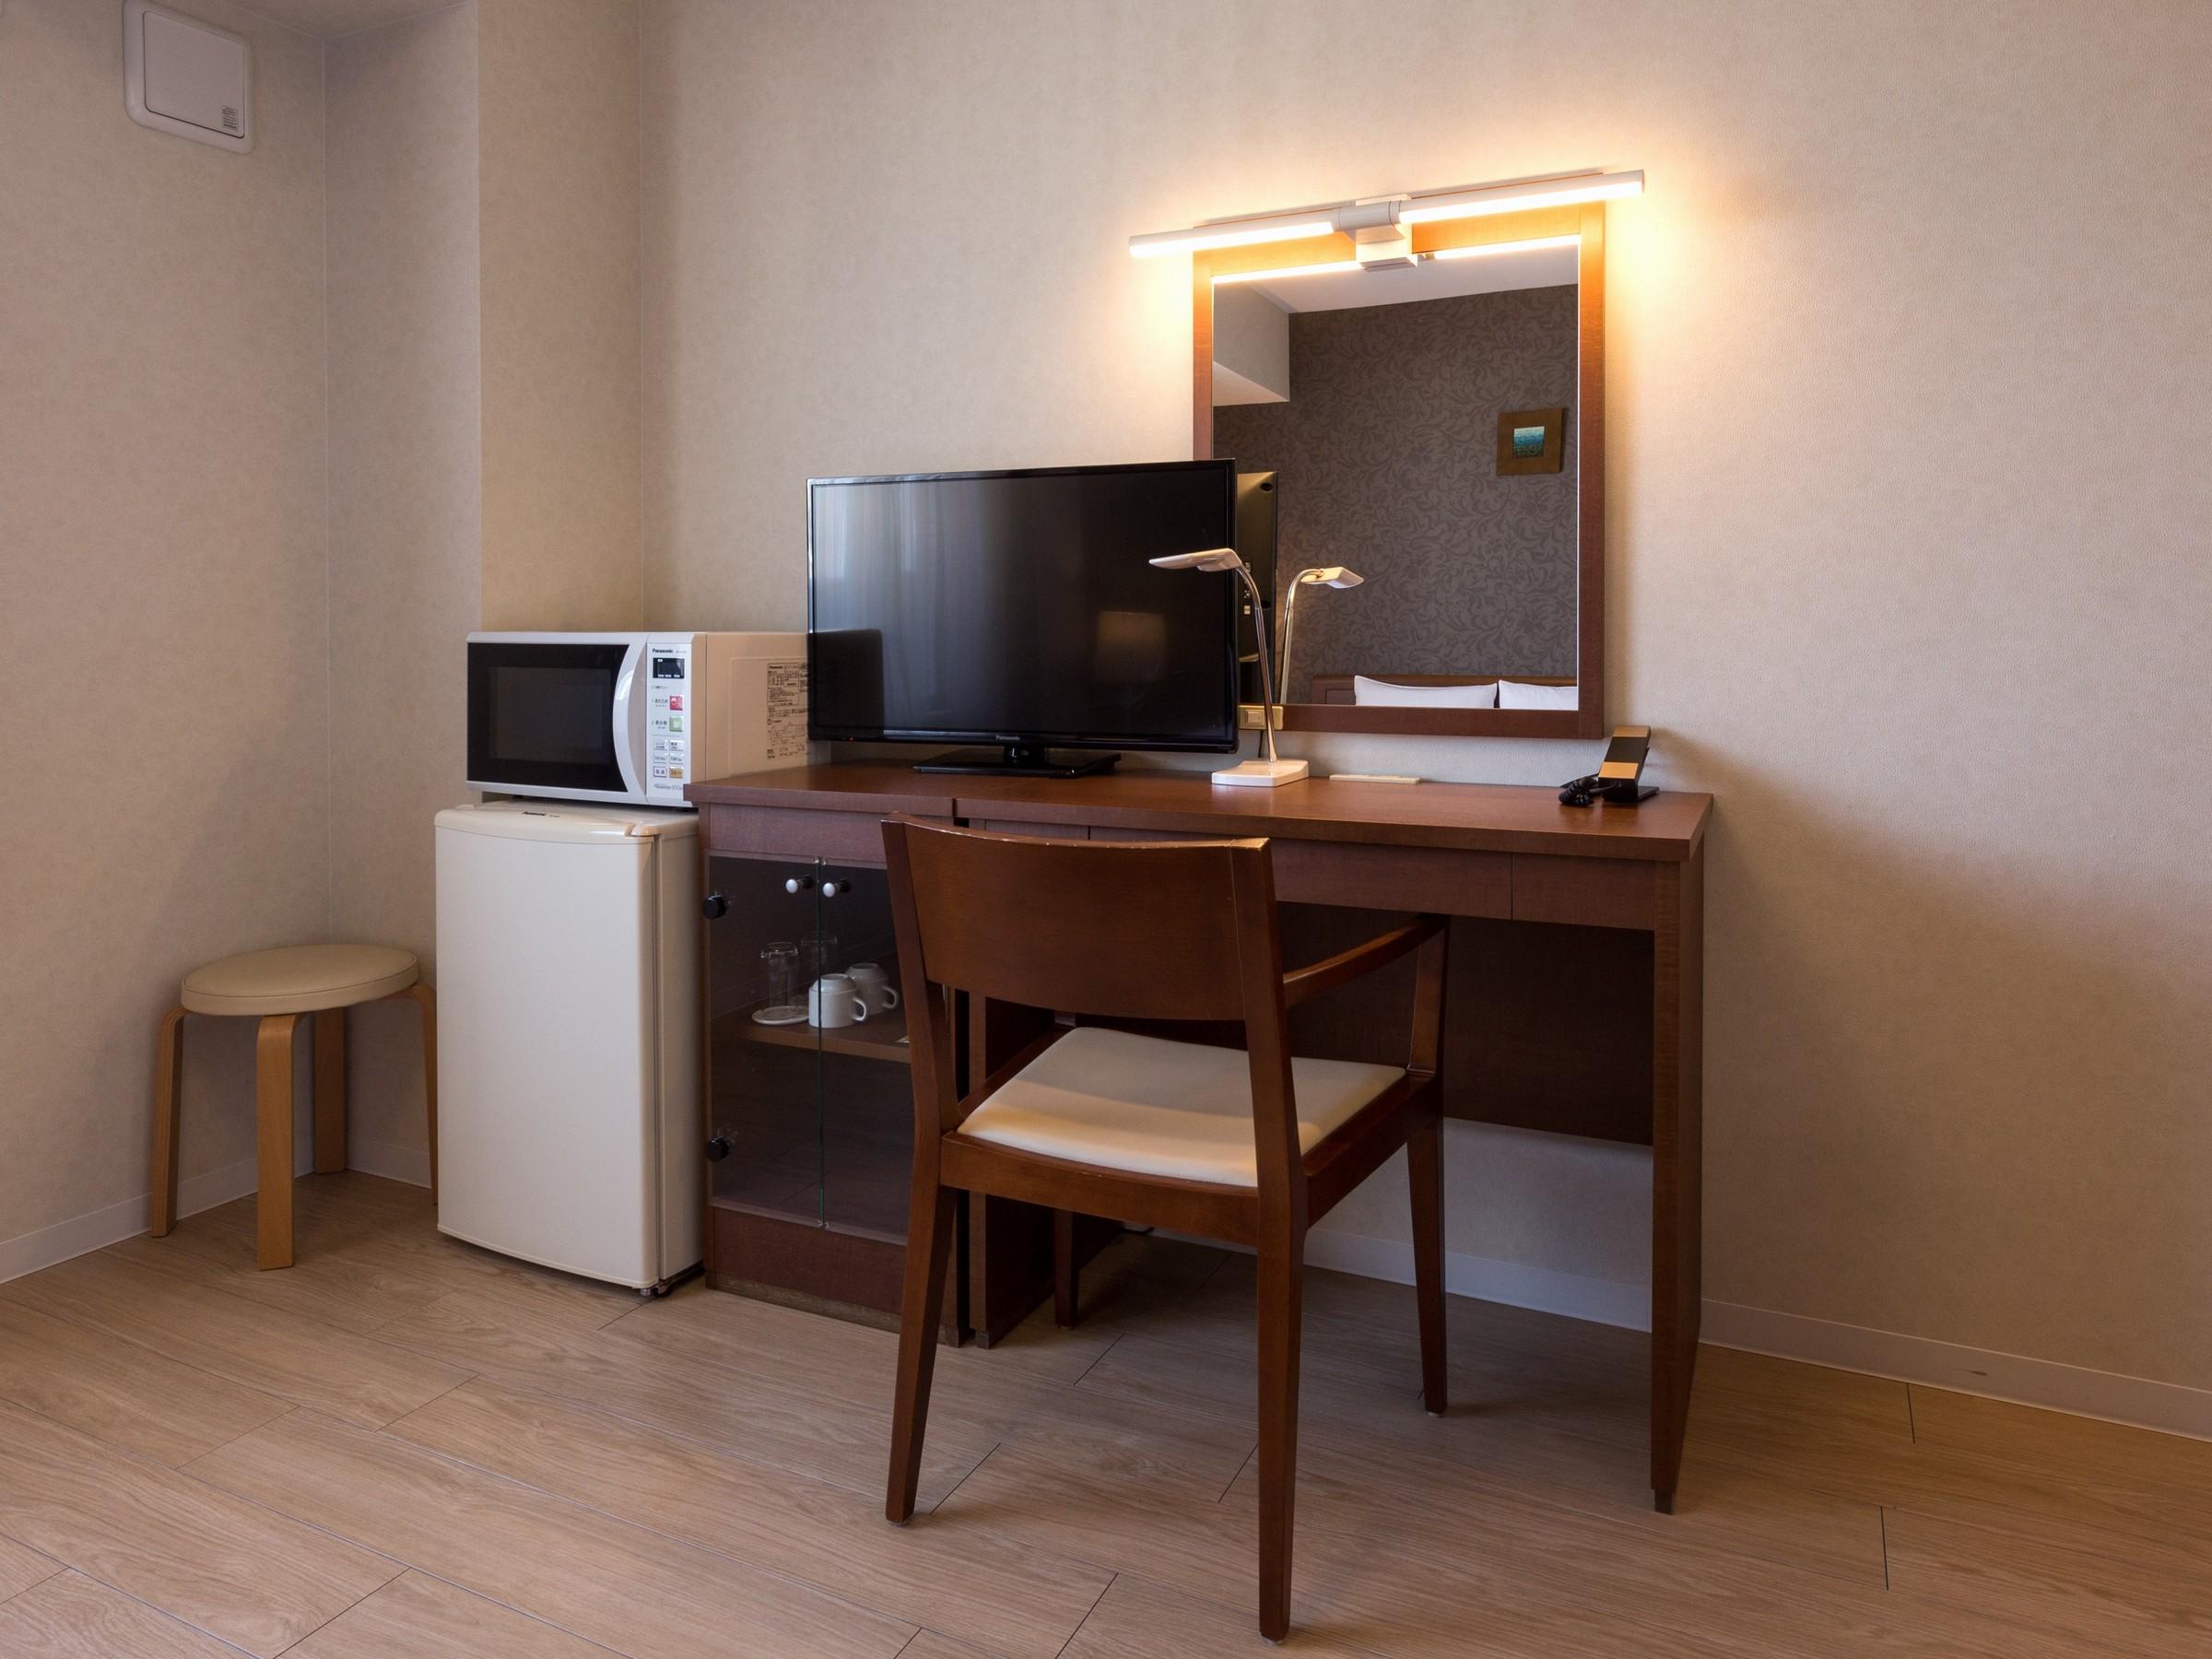 ホテル博多プレイス / 【洗濯機付】【ベッド幅120】■シングルルーム25㎡:1名利用(禁煙)